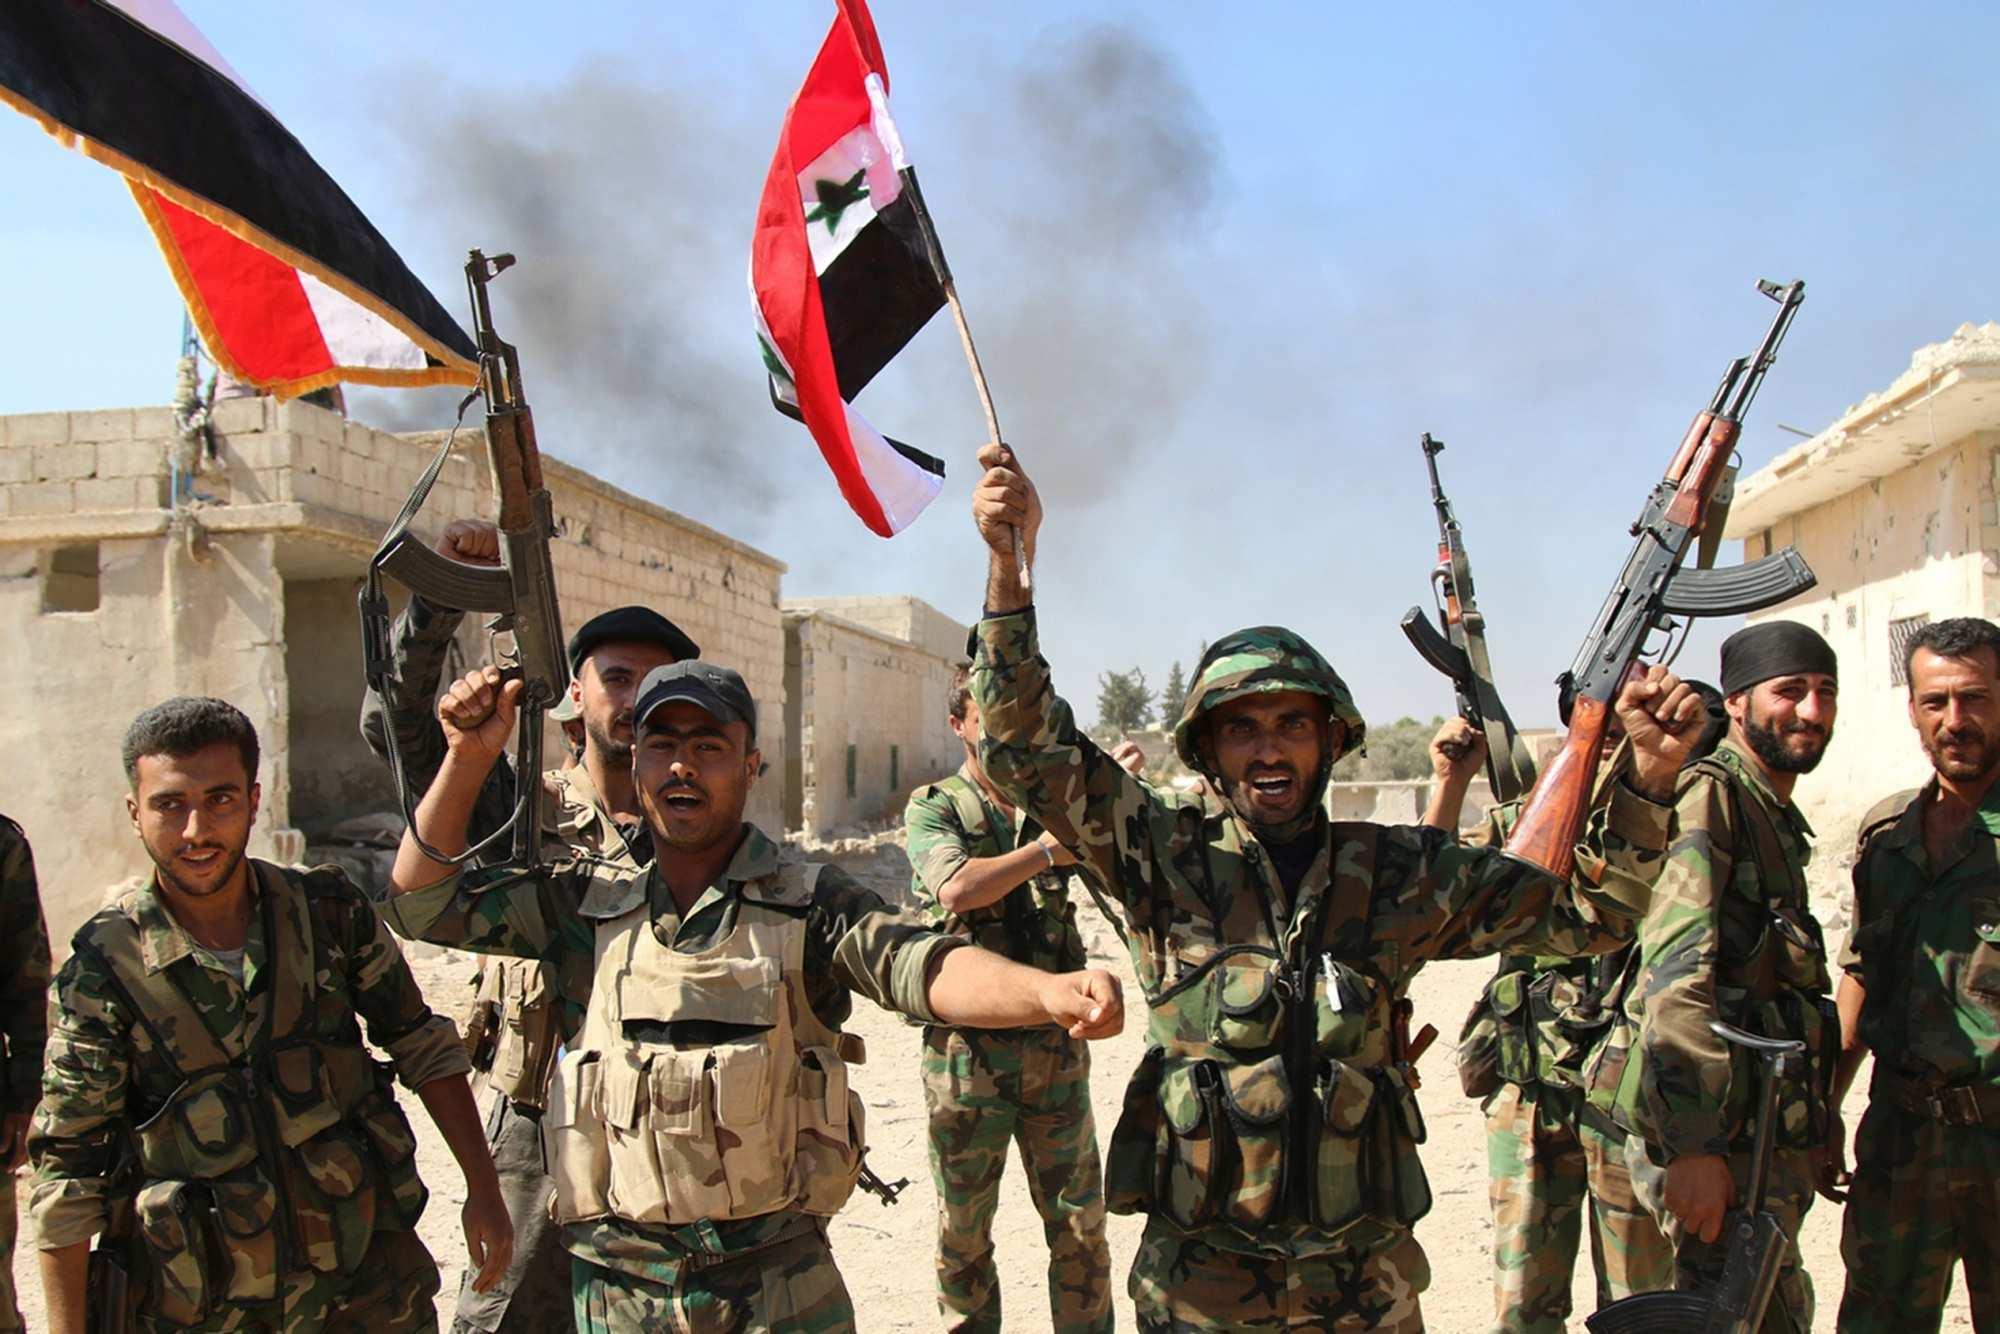 Правительство Сирии настроено навоенную победу, — генсек ООН | Русская весна